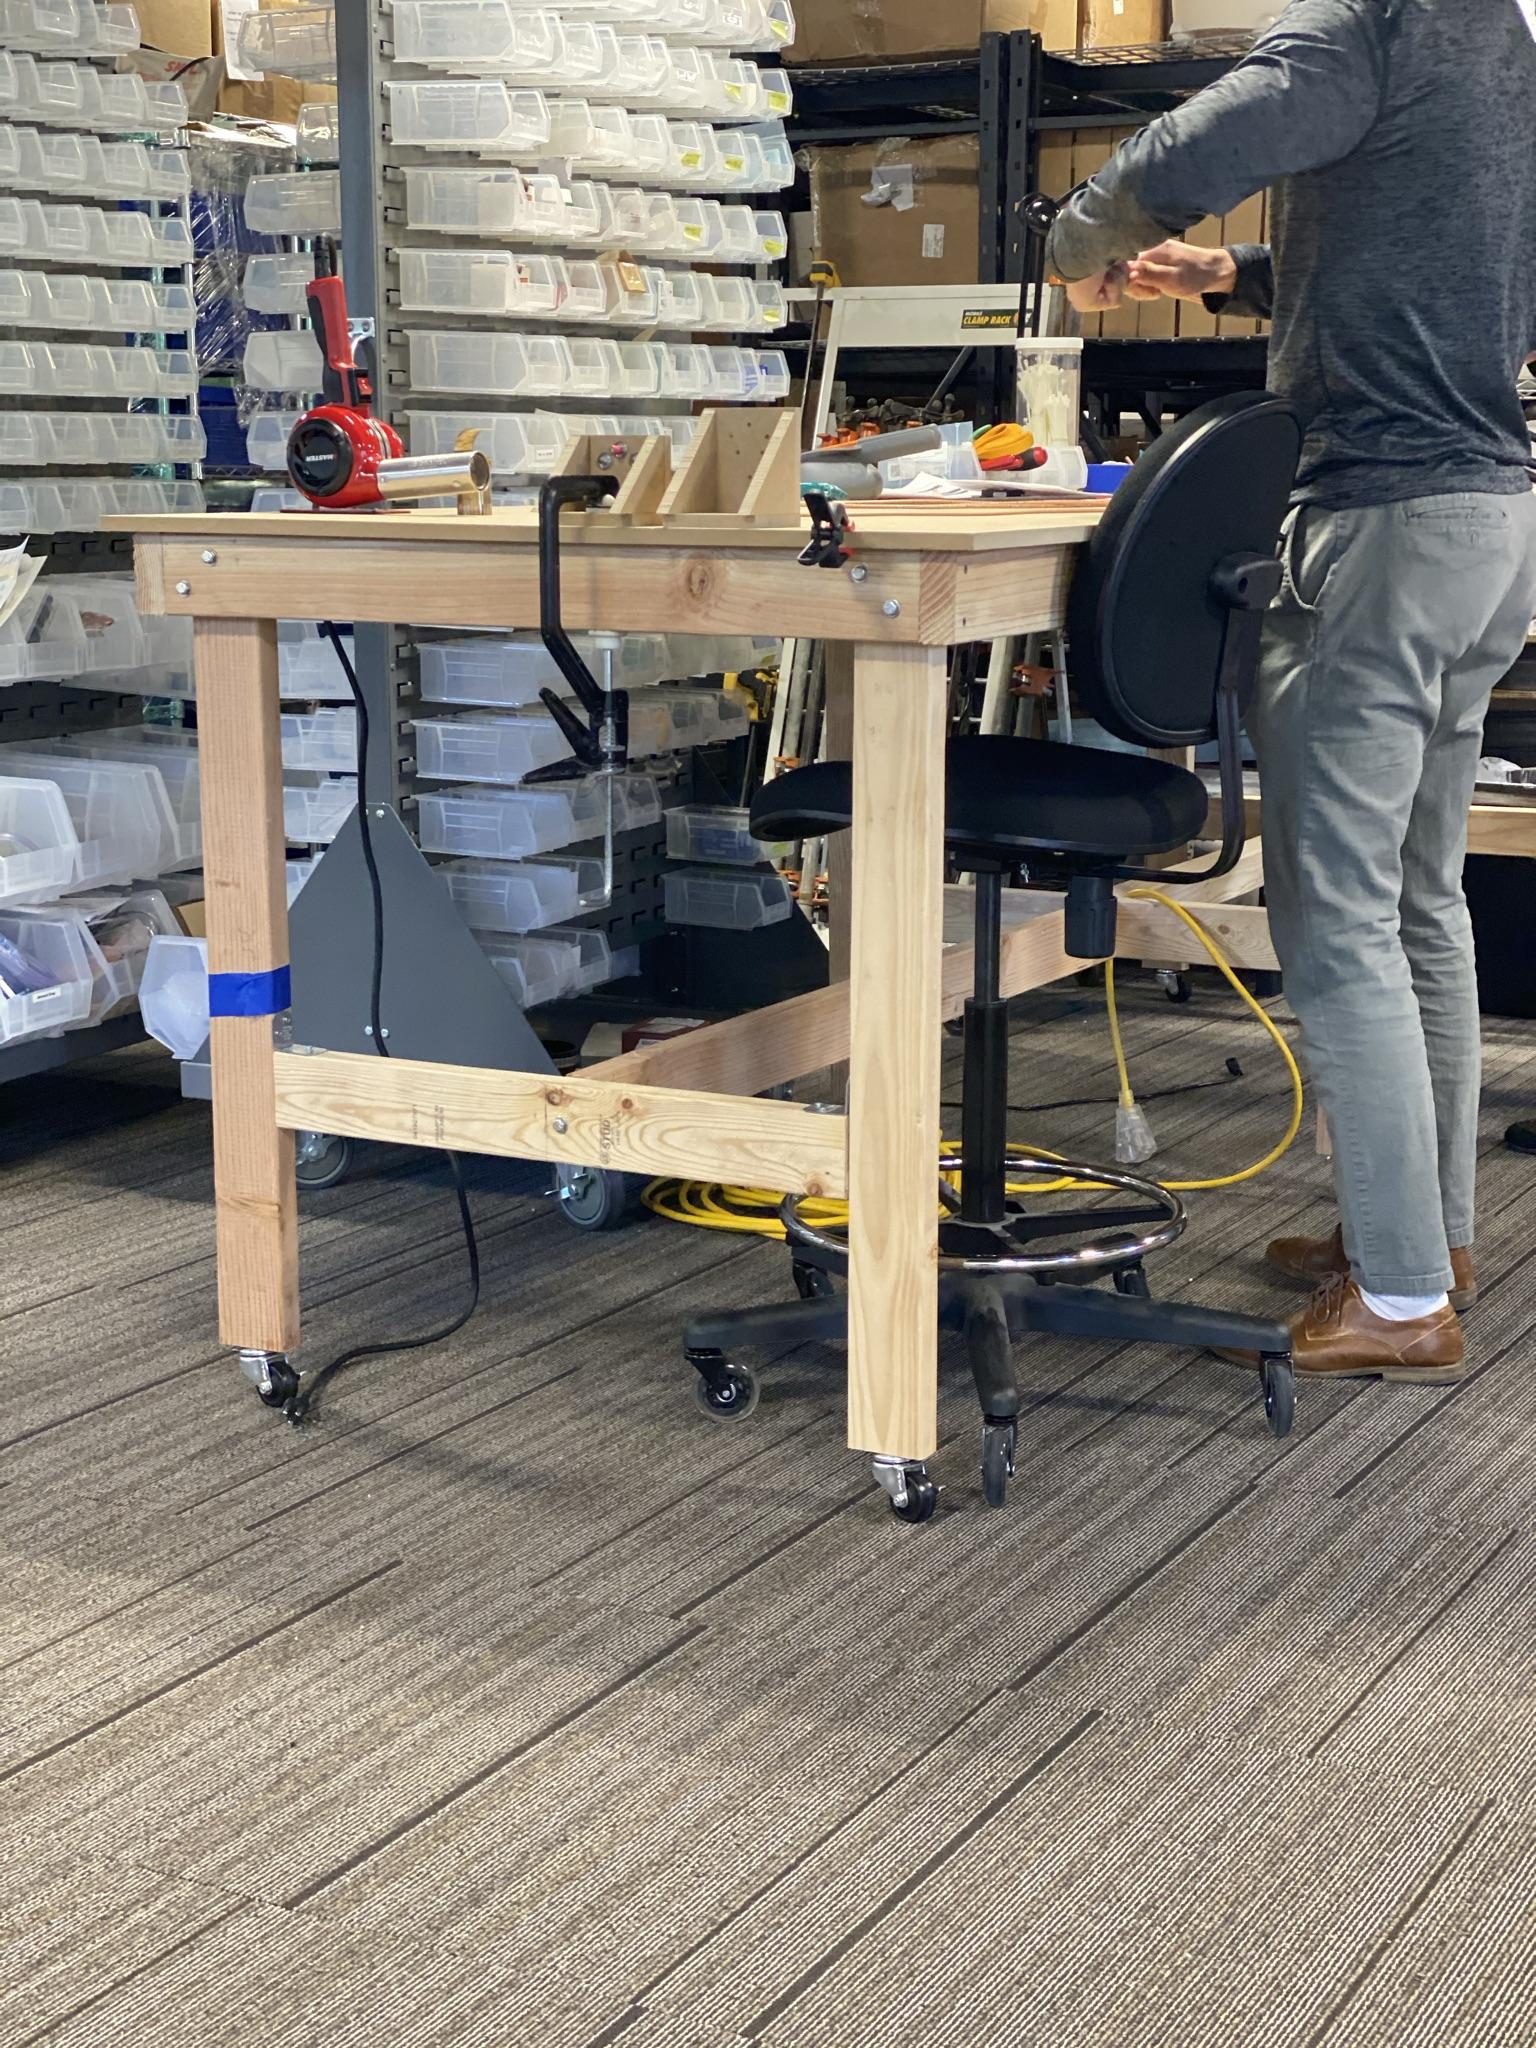 Agile Workspace - Model Shop On Wheels